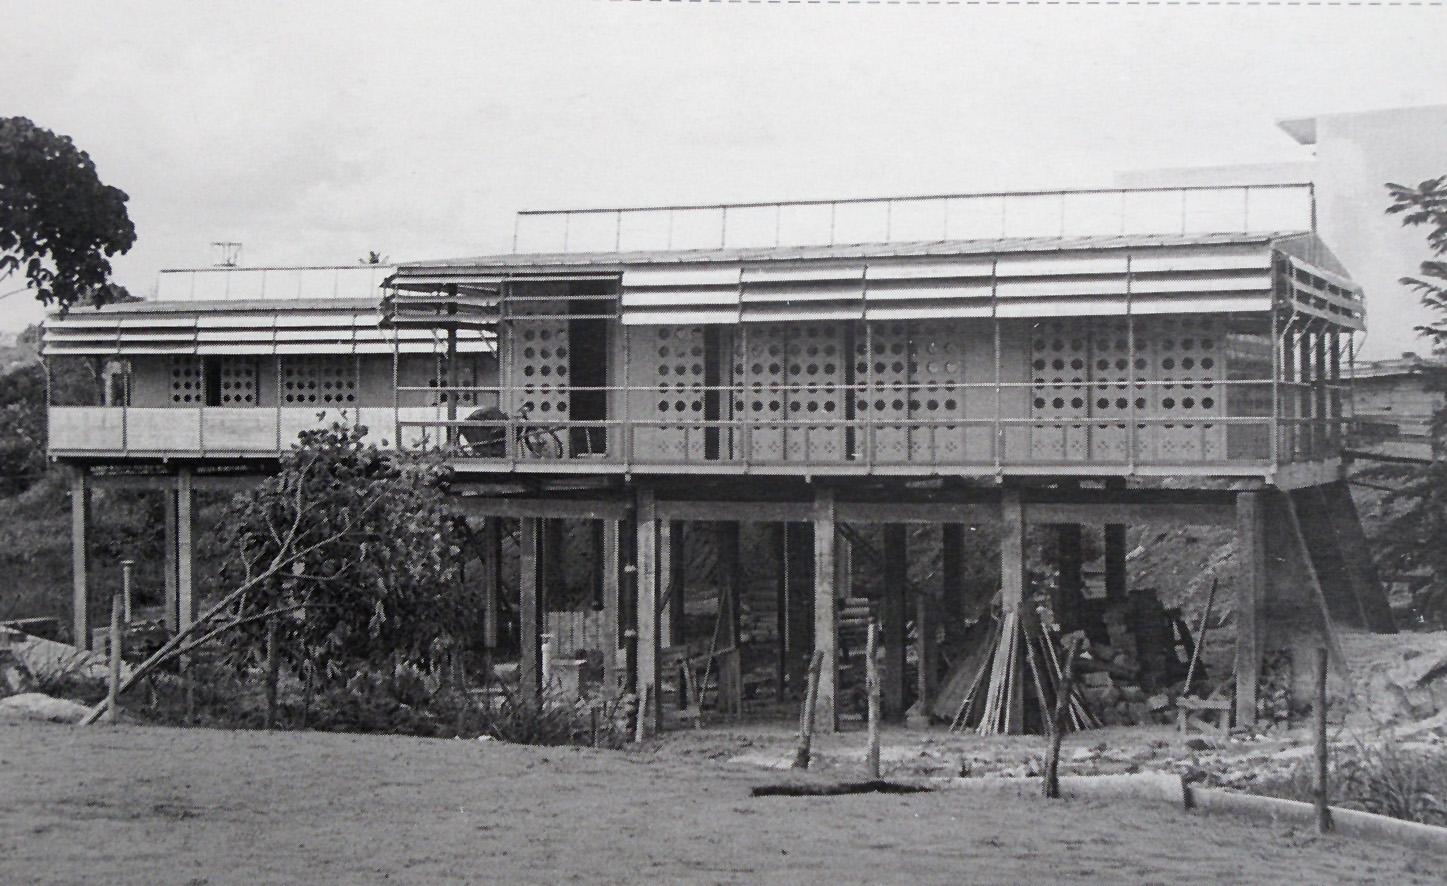 F tima garrido carrero maison tropicale jean prouv 1951 - Maison tropicale prouve ...